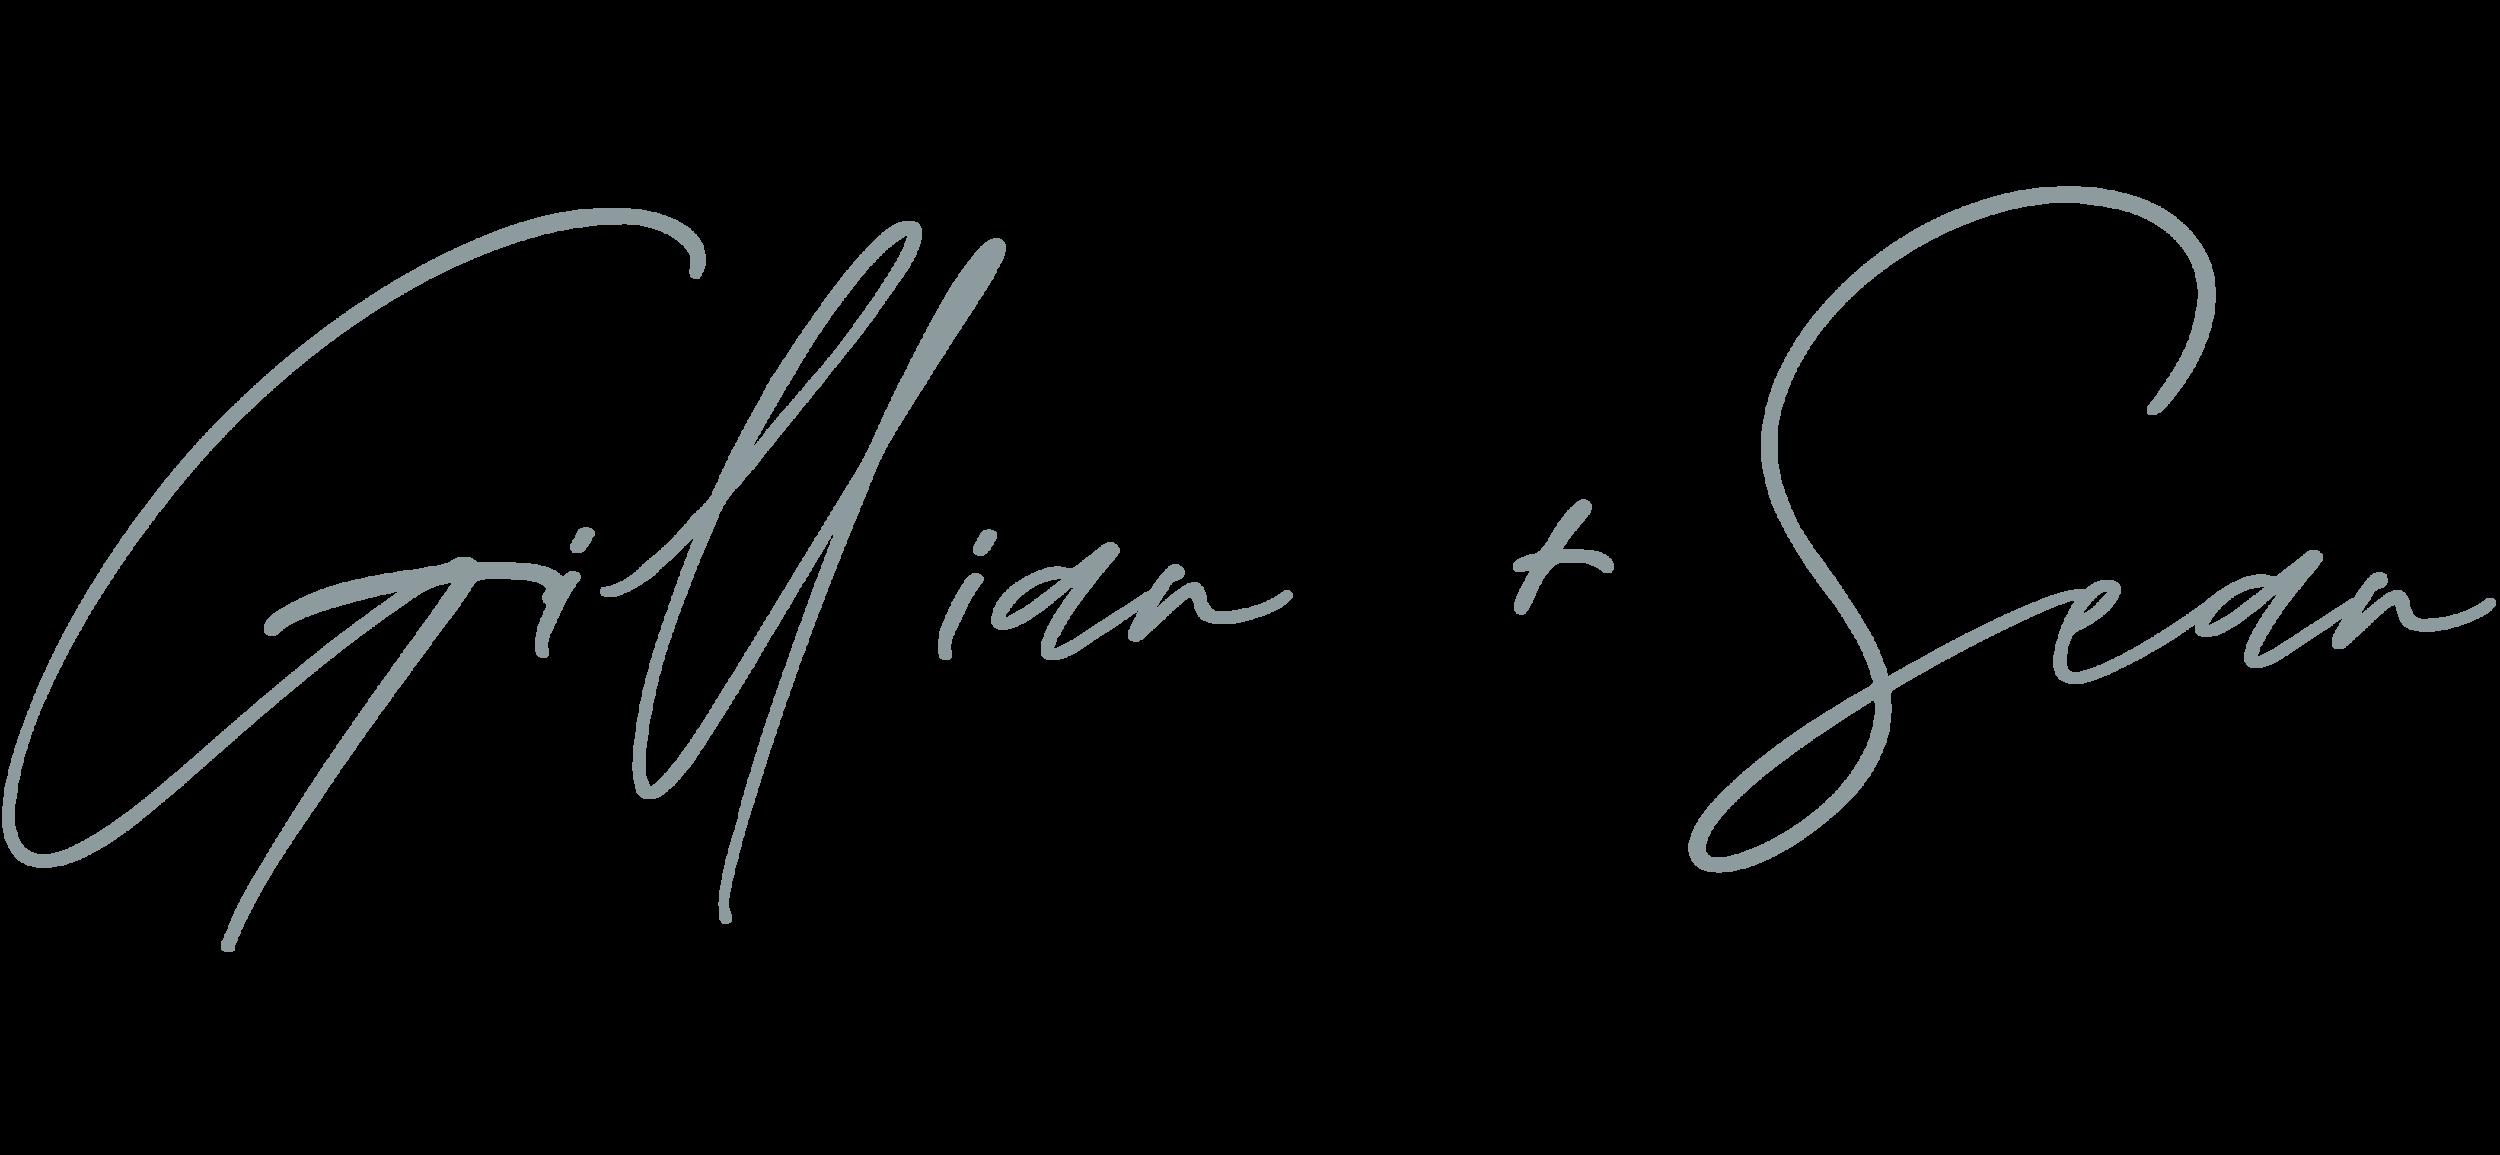 Gillian + Sean.png